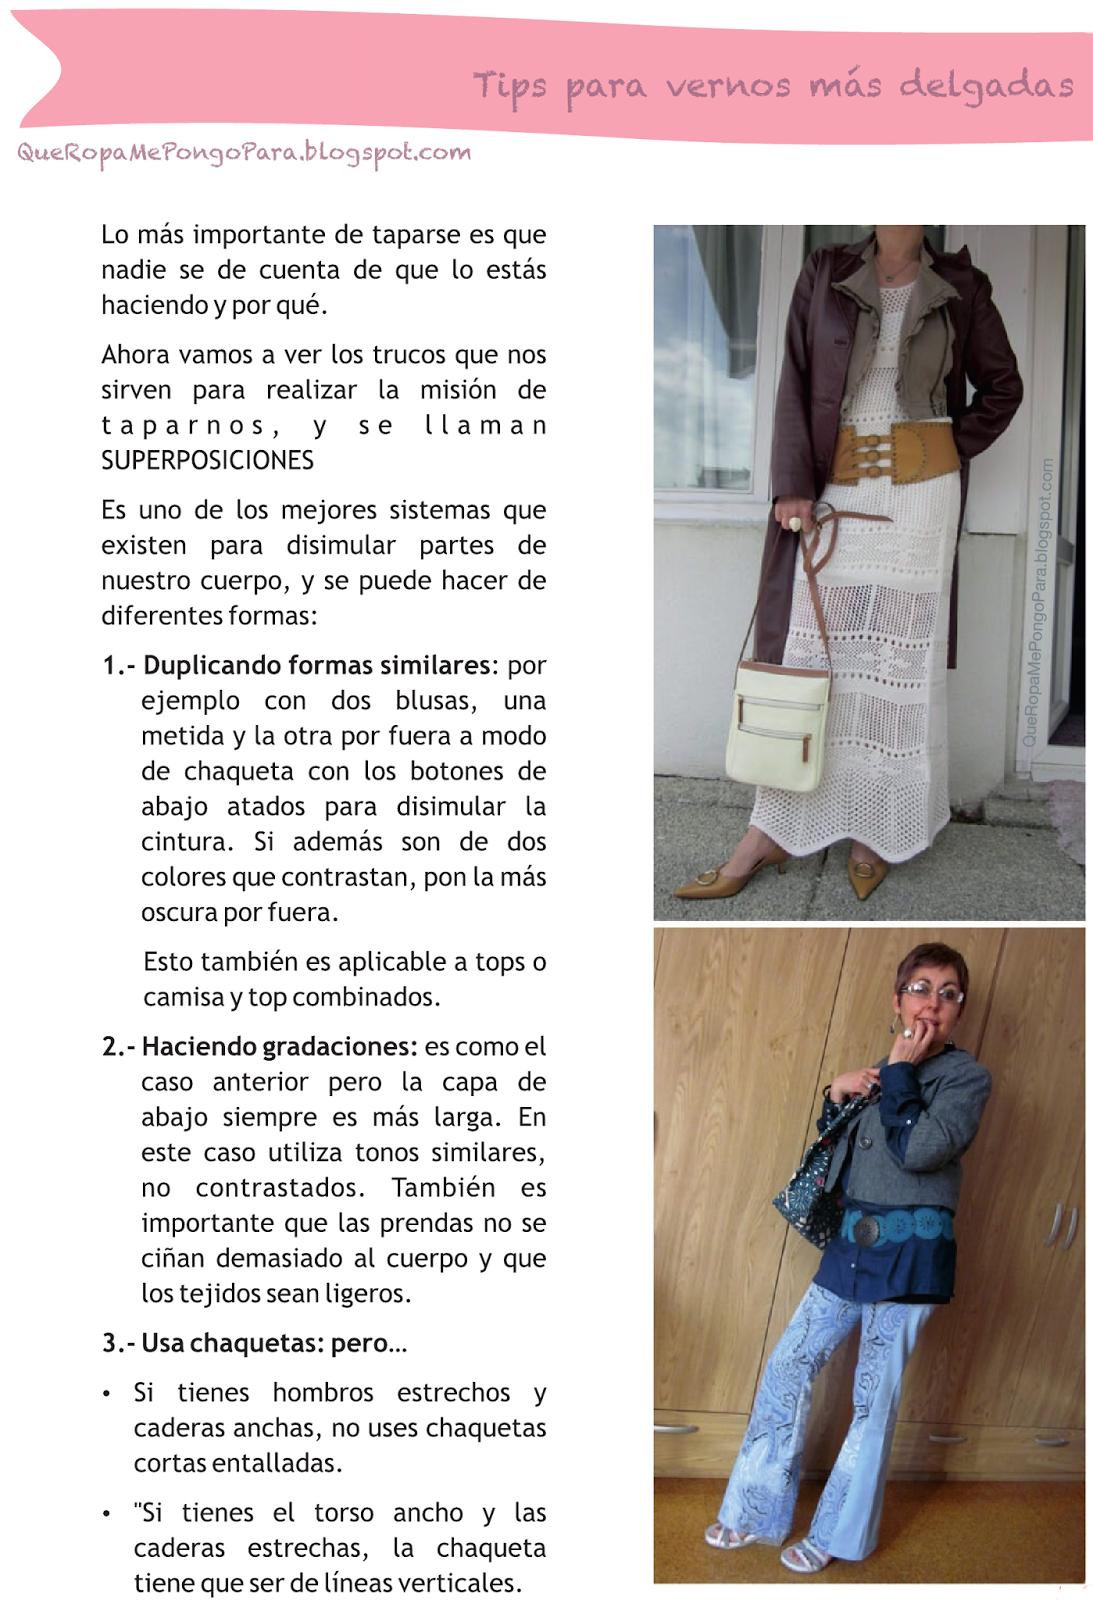 COMO VERSE MAS FLACA - TIPS DE MODA PARA LUCIR MAS DELGADA FASHION